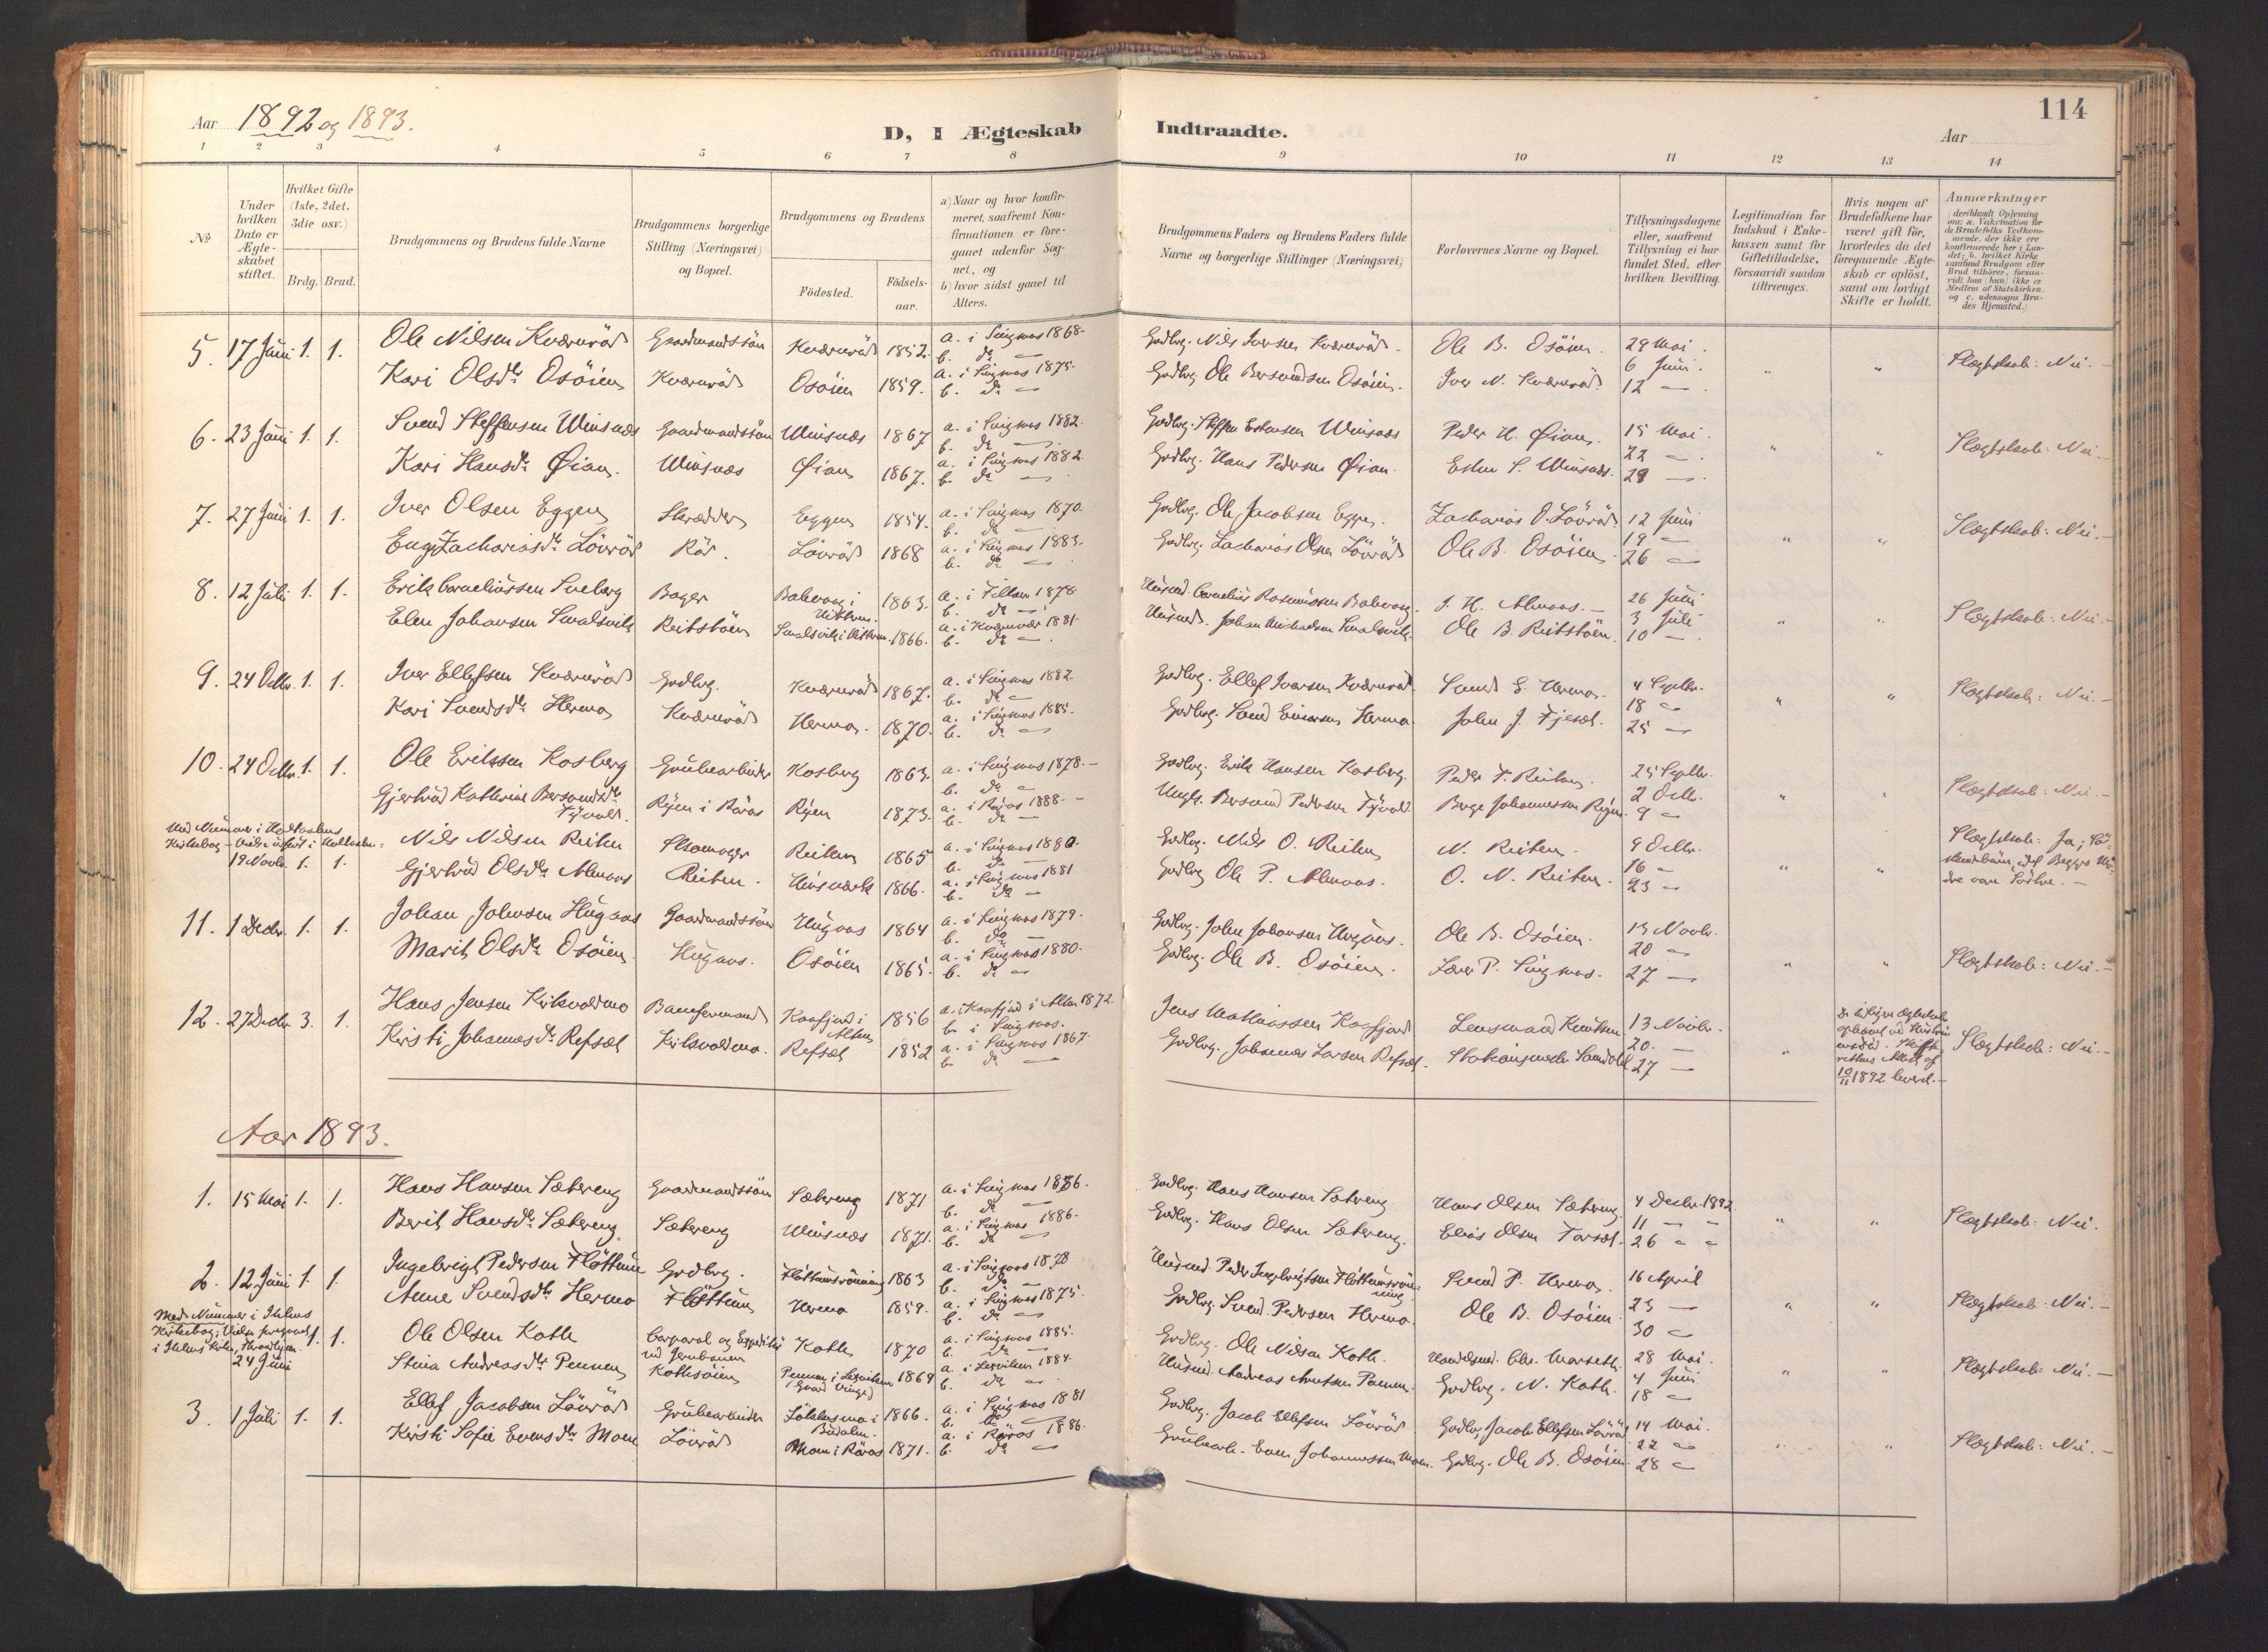 SAT, Ministerialprotokoller, klokkerbøker og fødselsregistre - Sør-Trøndelag, 688/L1025: Ministerialbok nr. 688A02, 1891-1909, s. 114